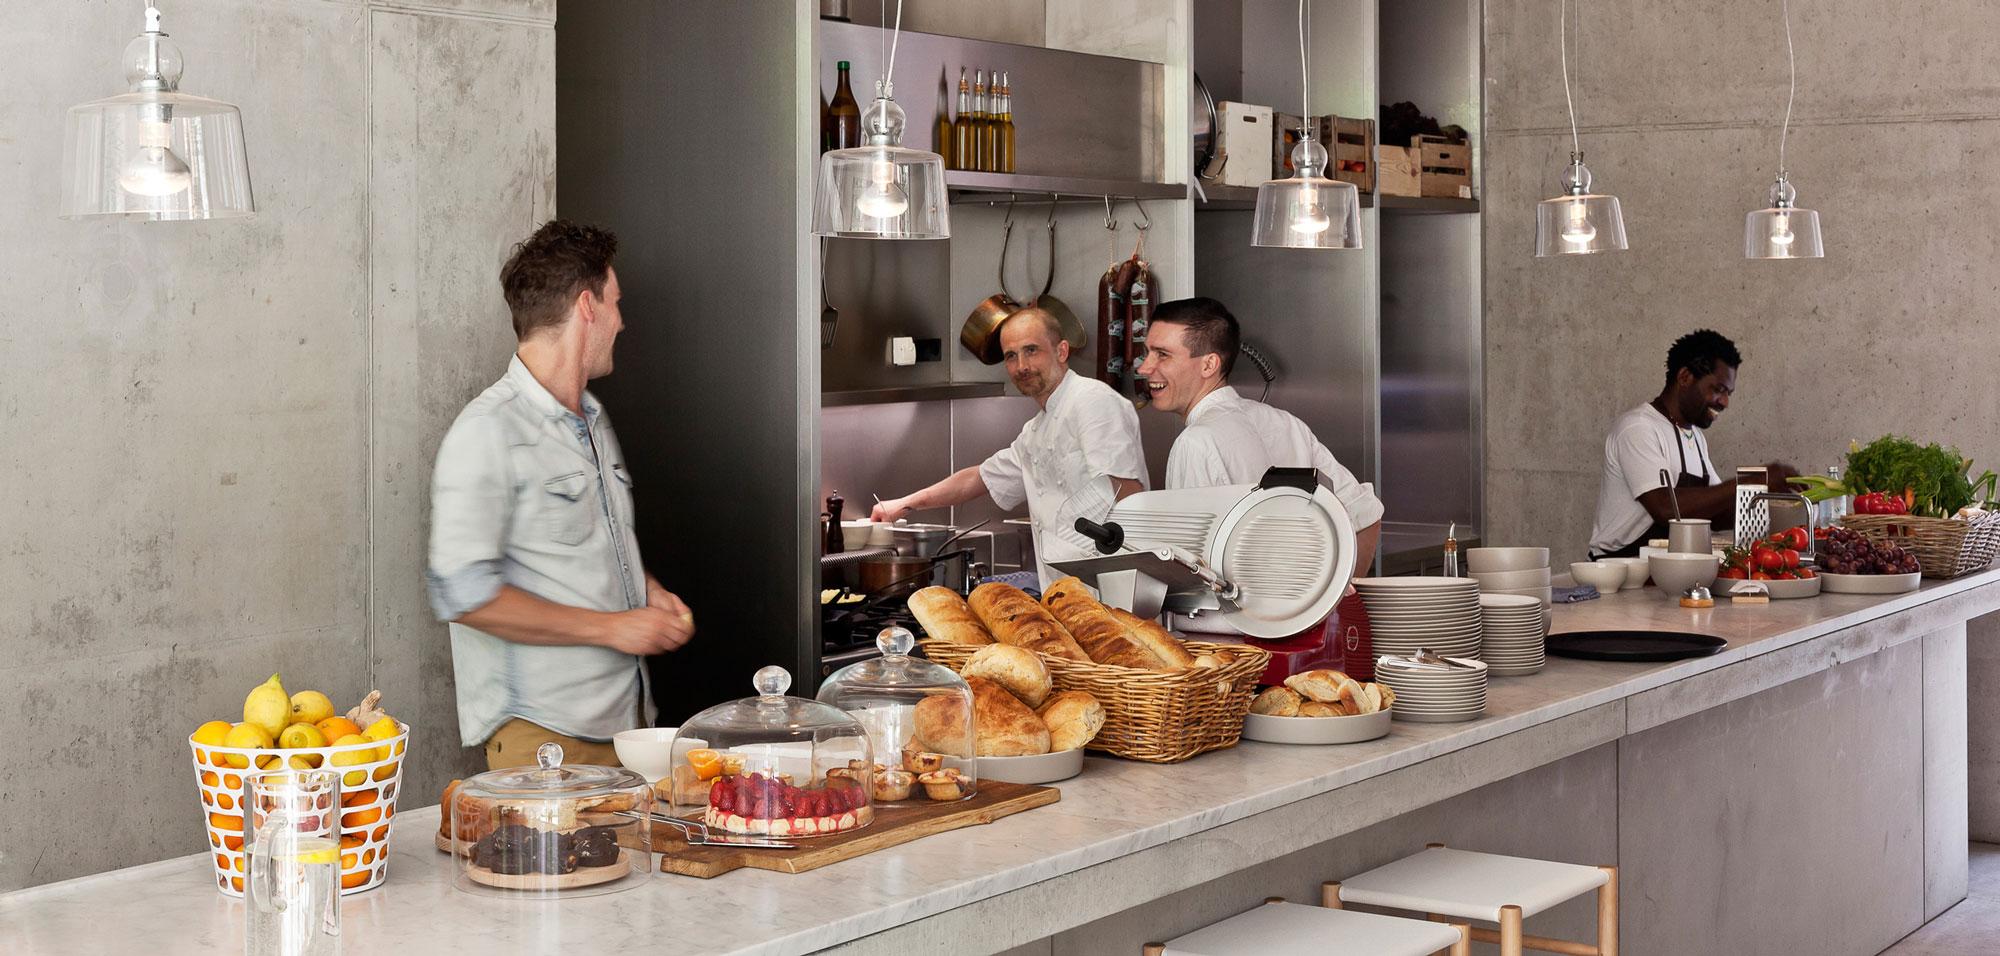 Kantine Tresen und Küche